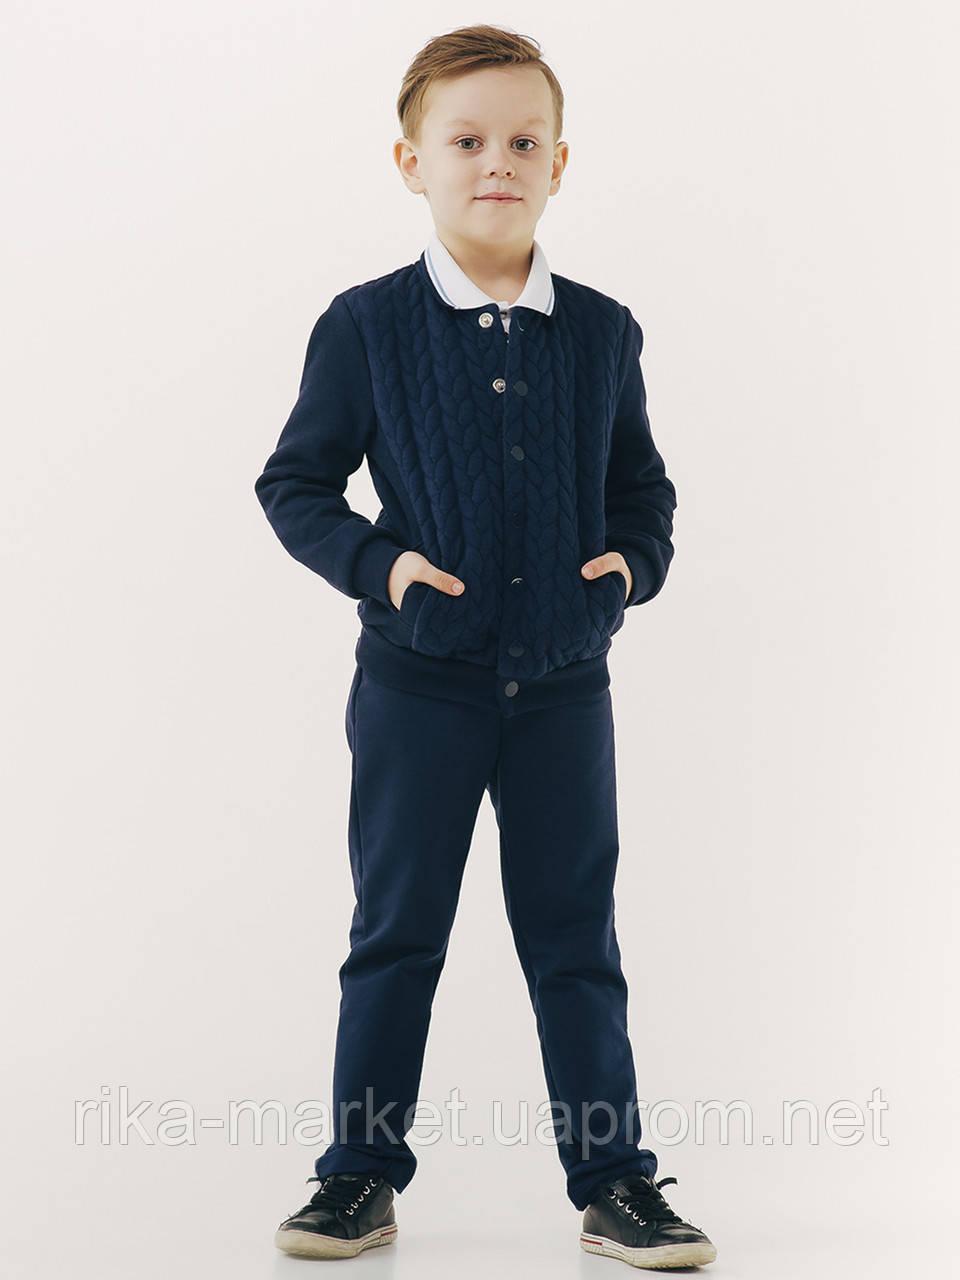 Пиджак - бомбер для мальчика, ТМ Смил, 116415, возраст 6 - 10 лет